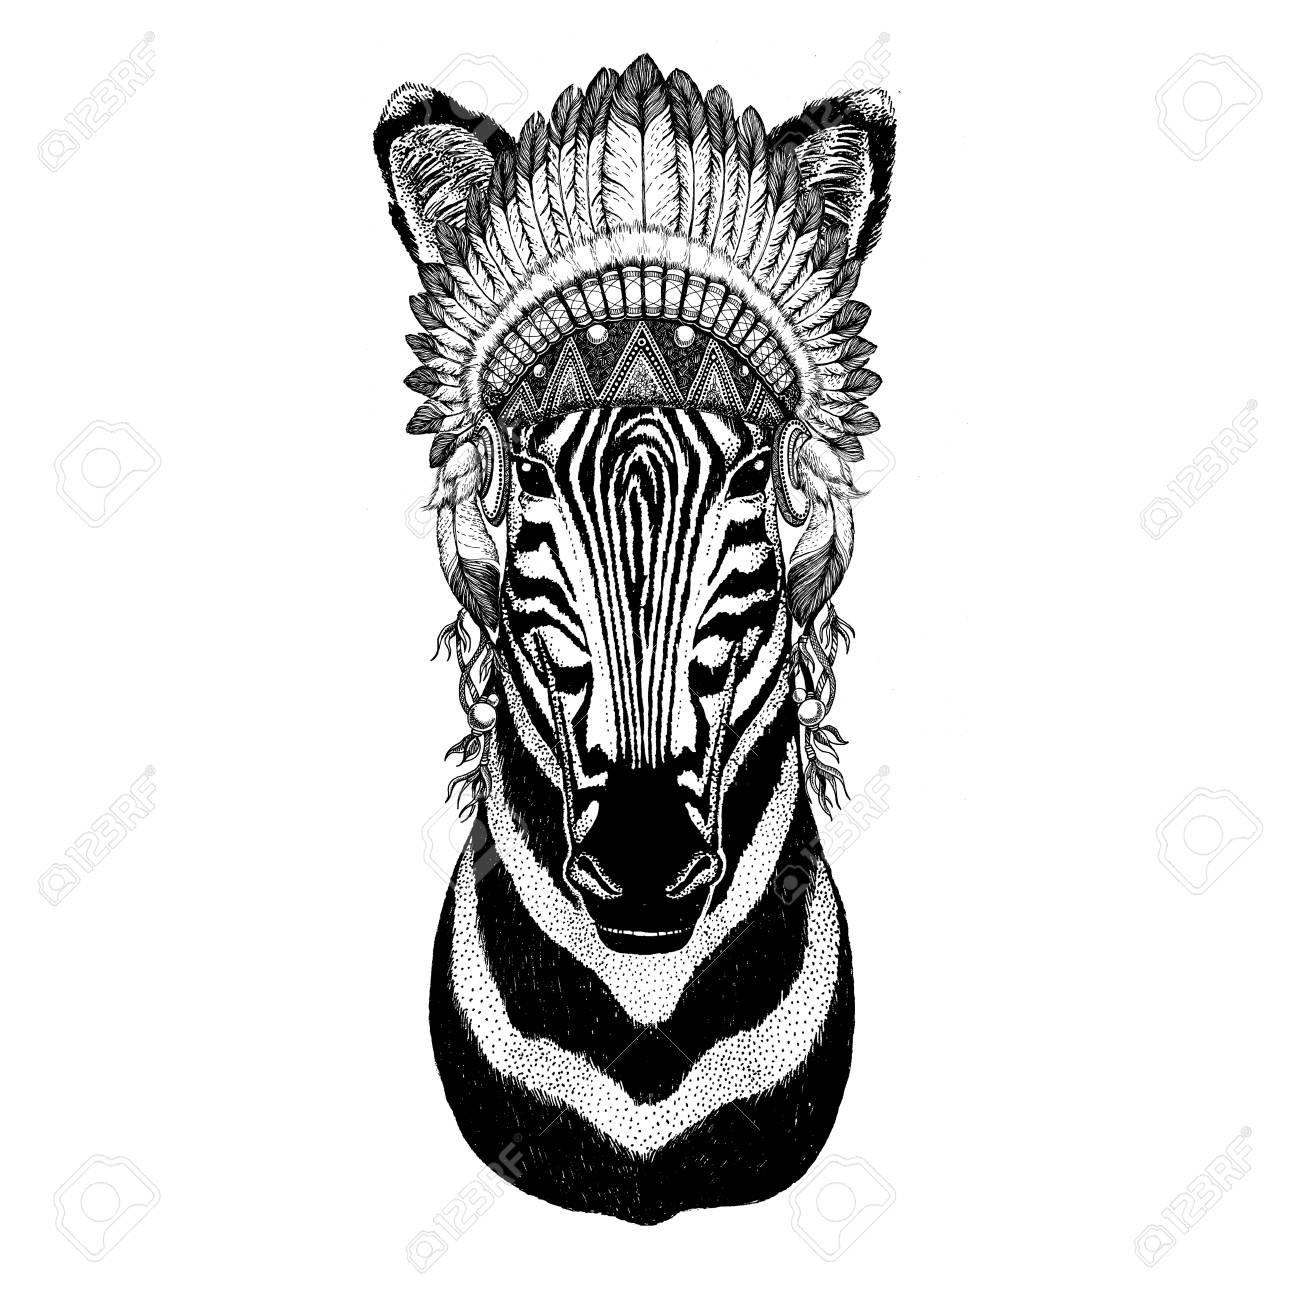 Atemberaubend Zebra Vorlagen Zeitgenössisch - Entry Level Resume ...